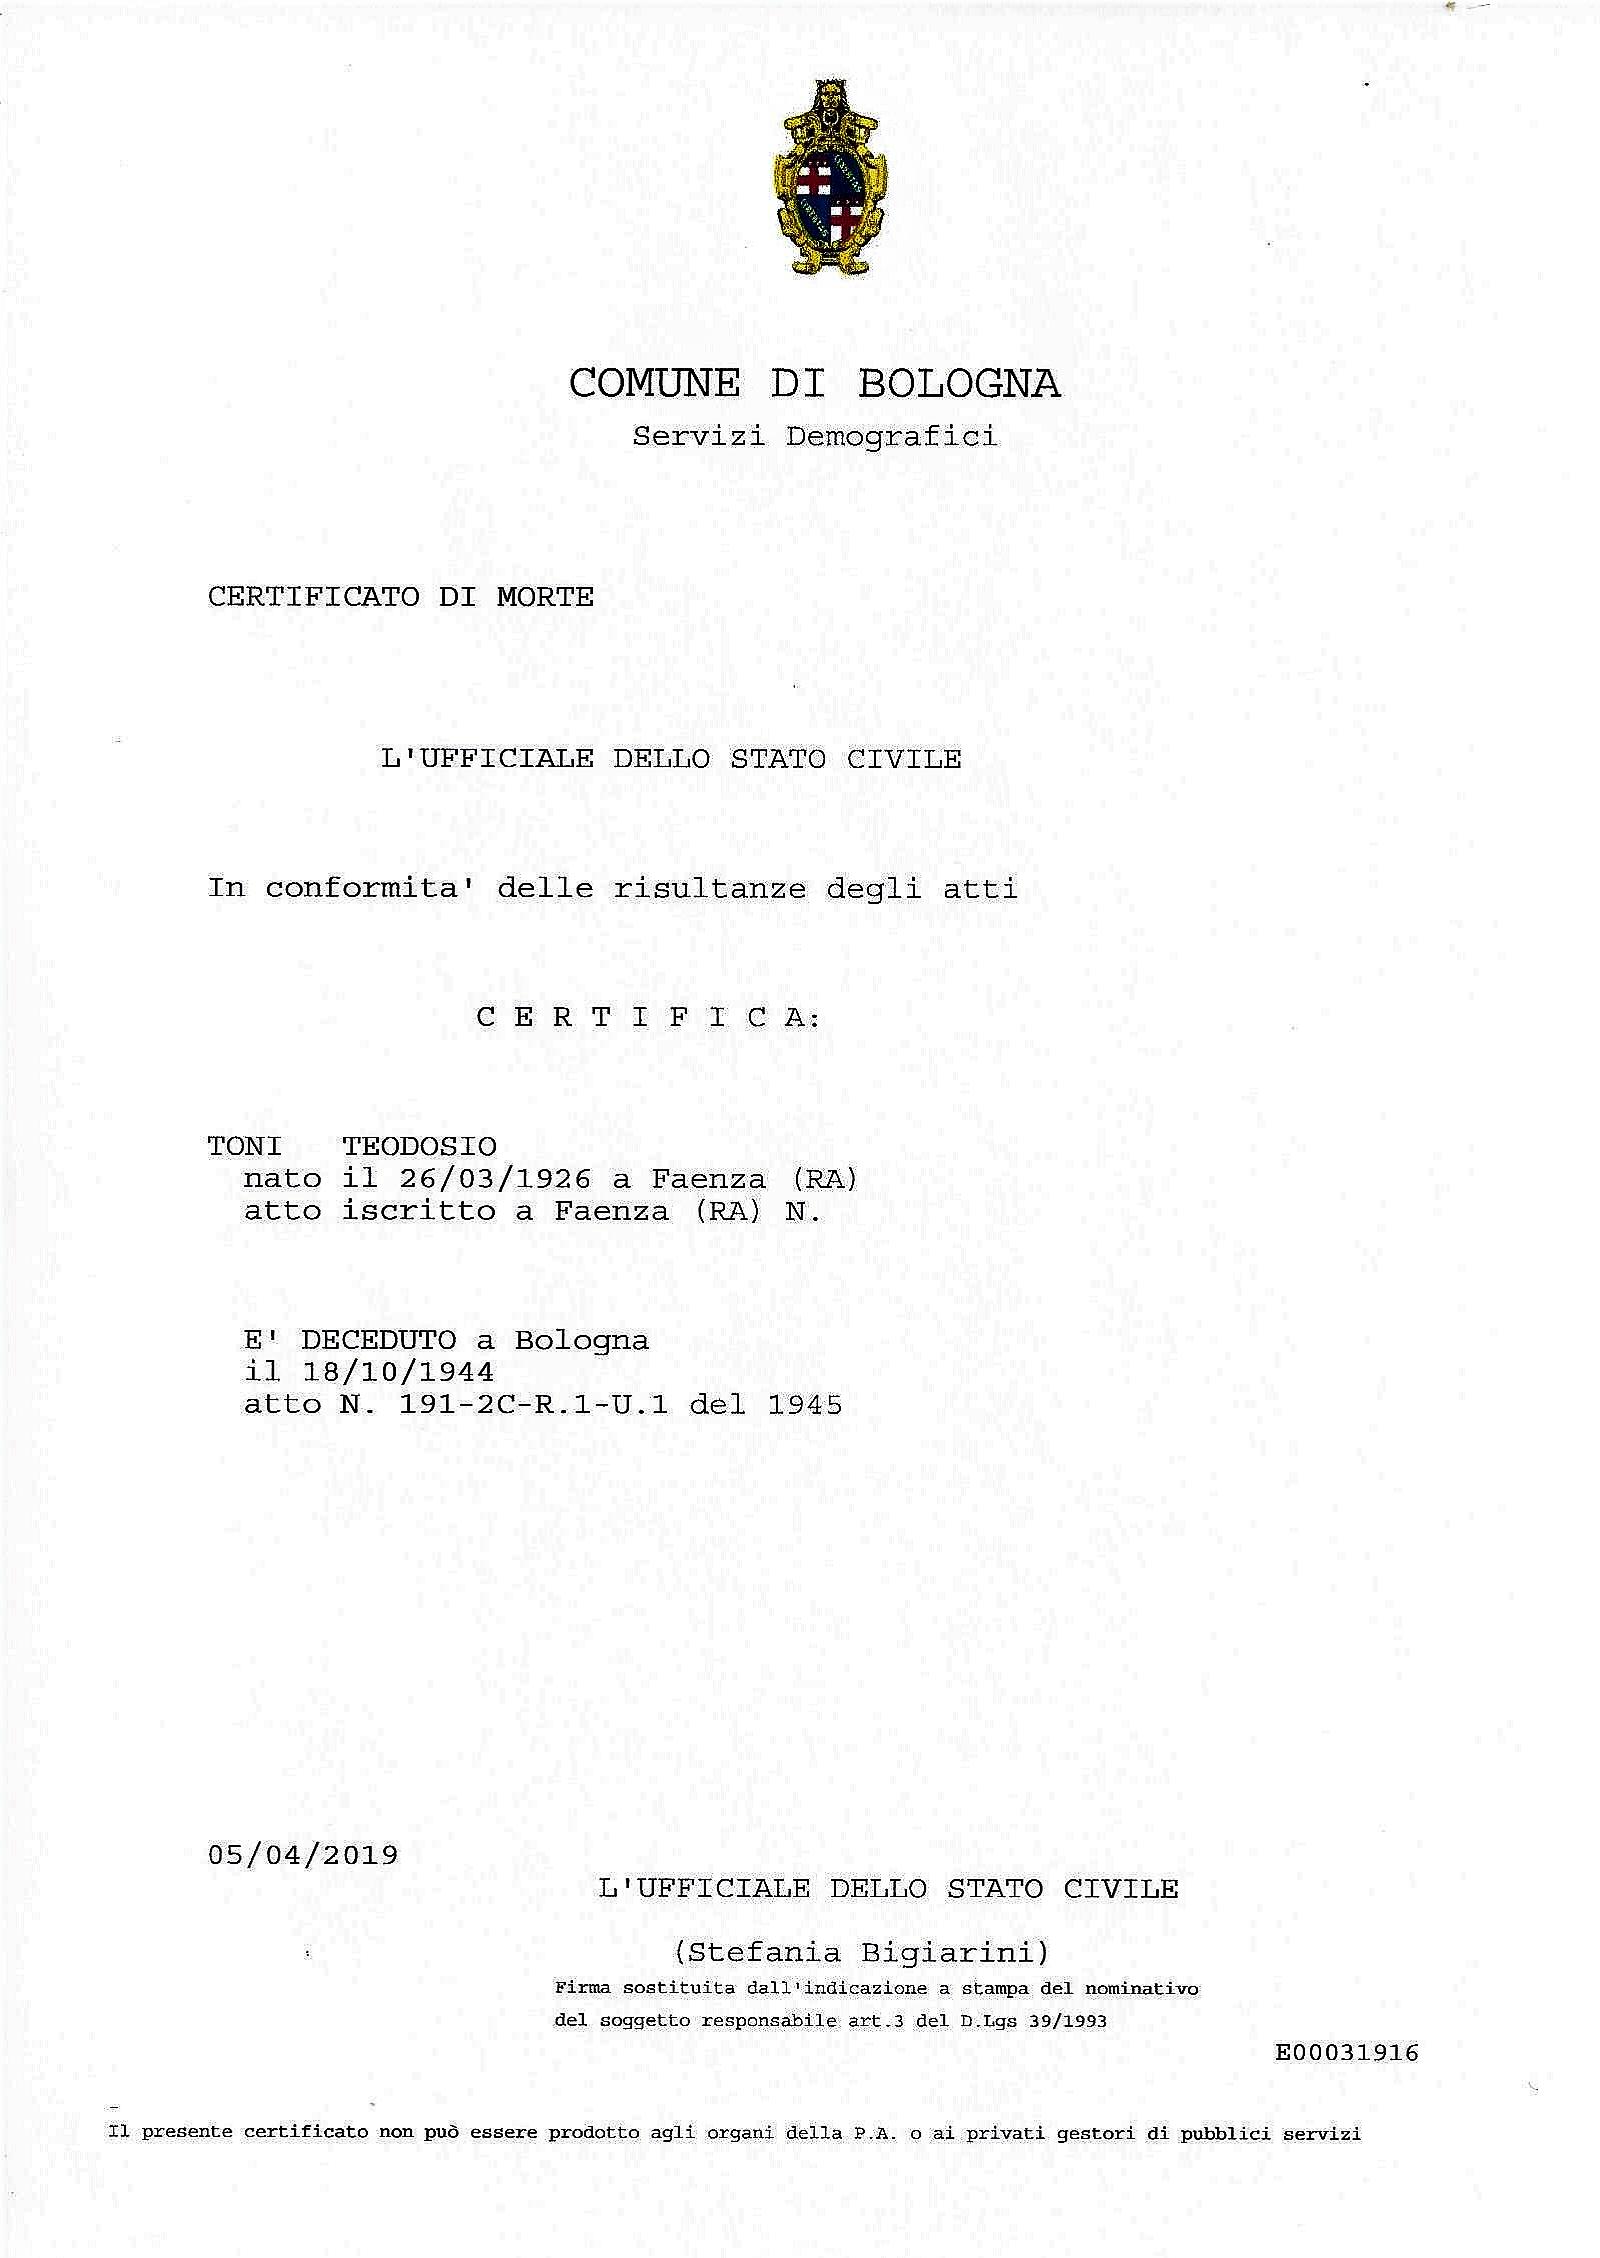 Anagrafe storica del Comune di Bologna -certificato di morte di Teodosio Toni.